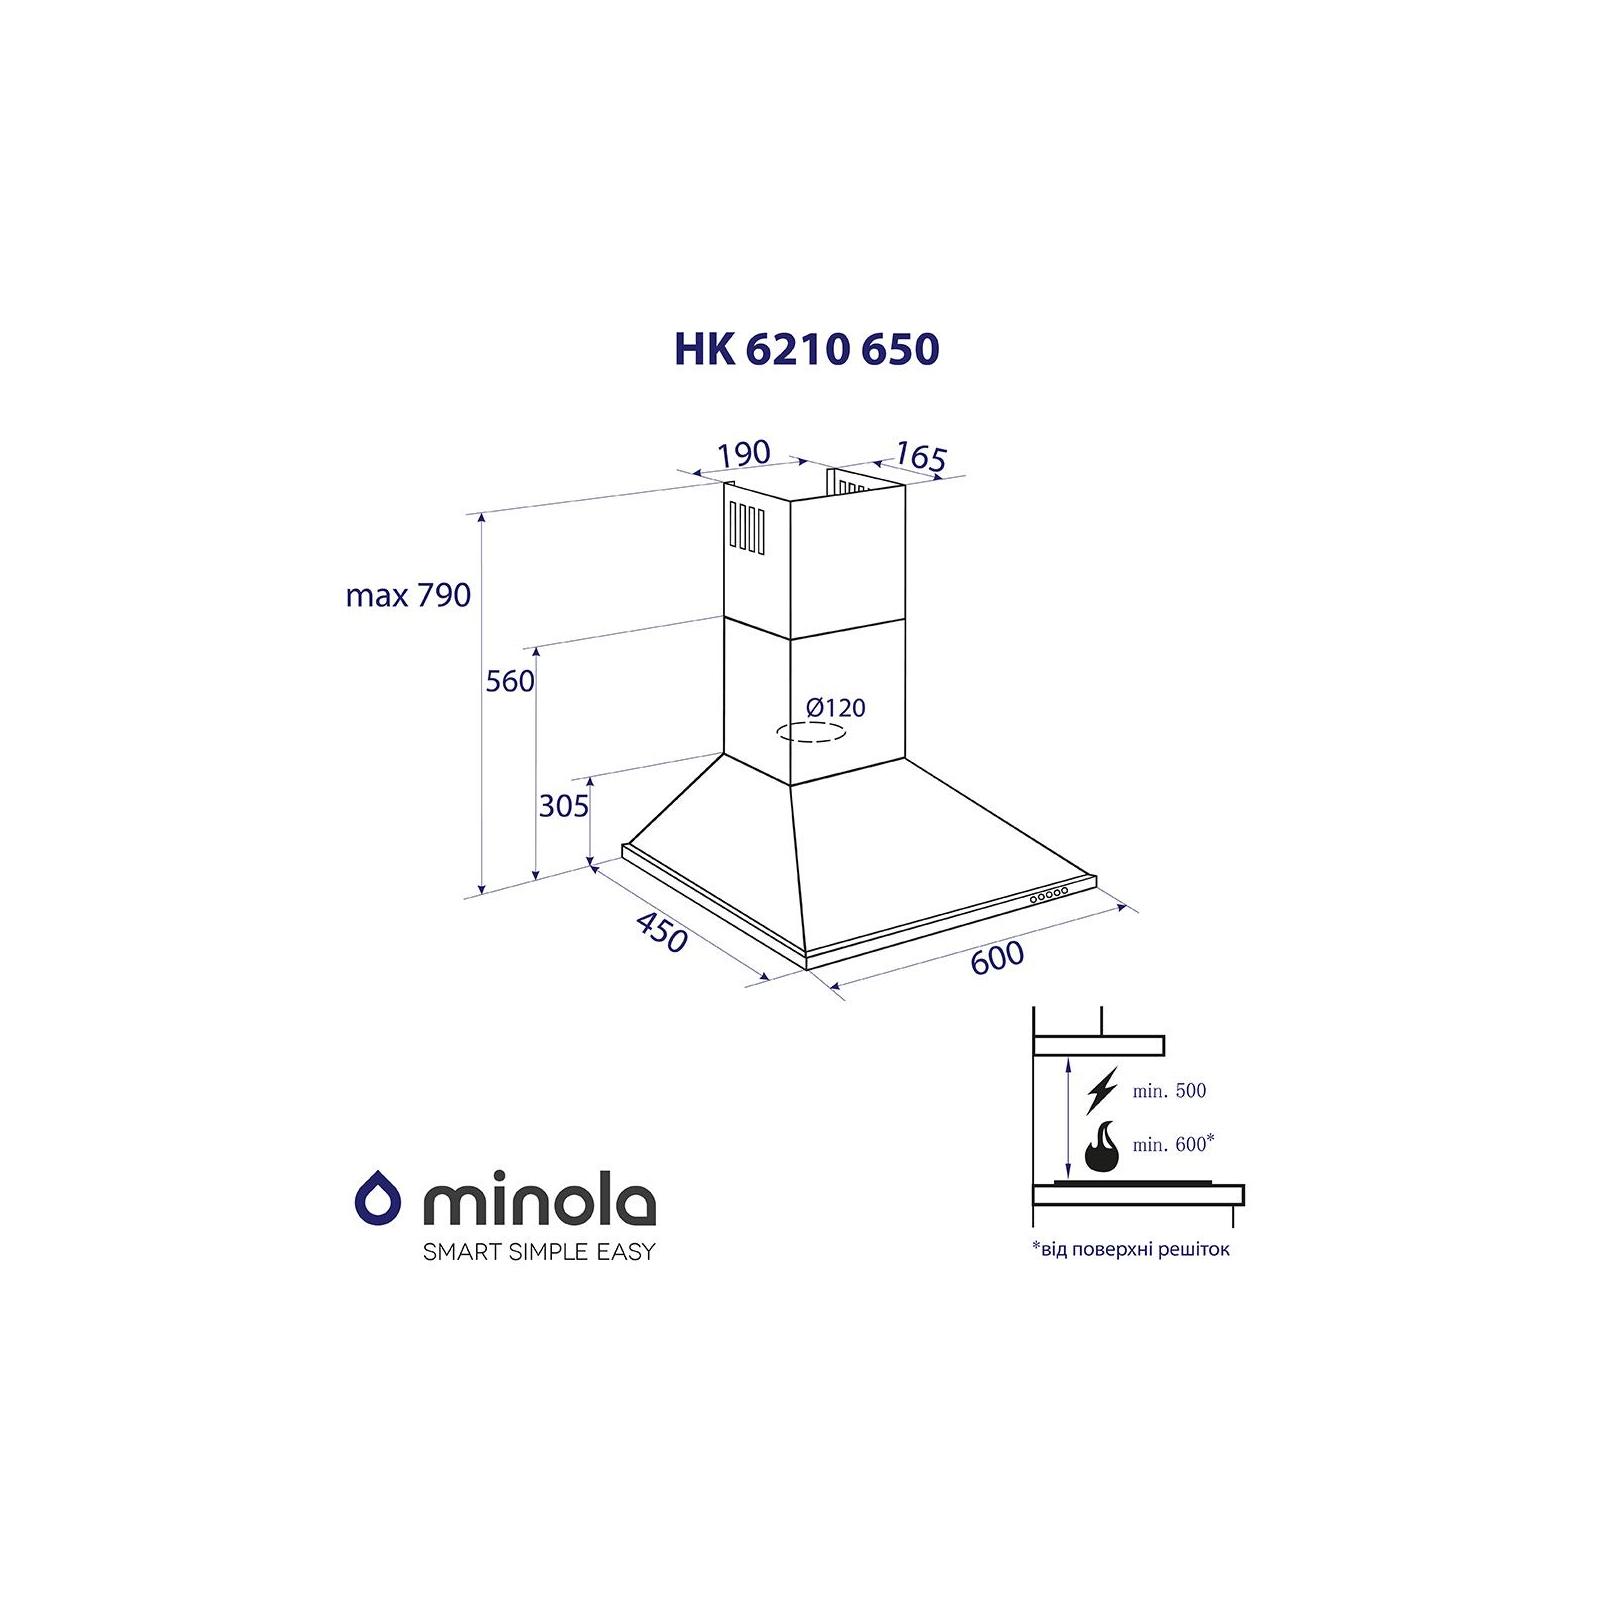 Вытяжка кухонная MINOLA HK 6210 IV 650 изображение 7